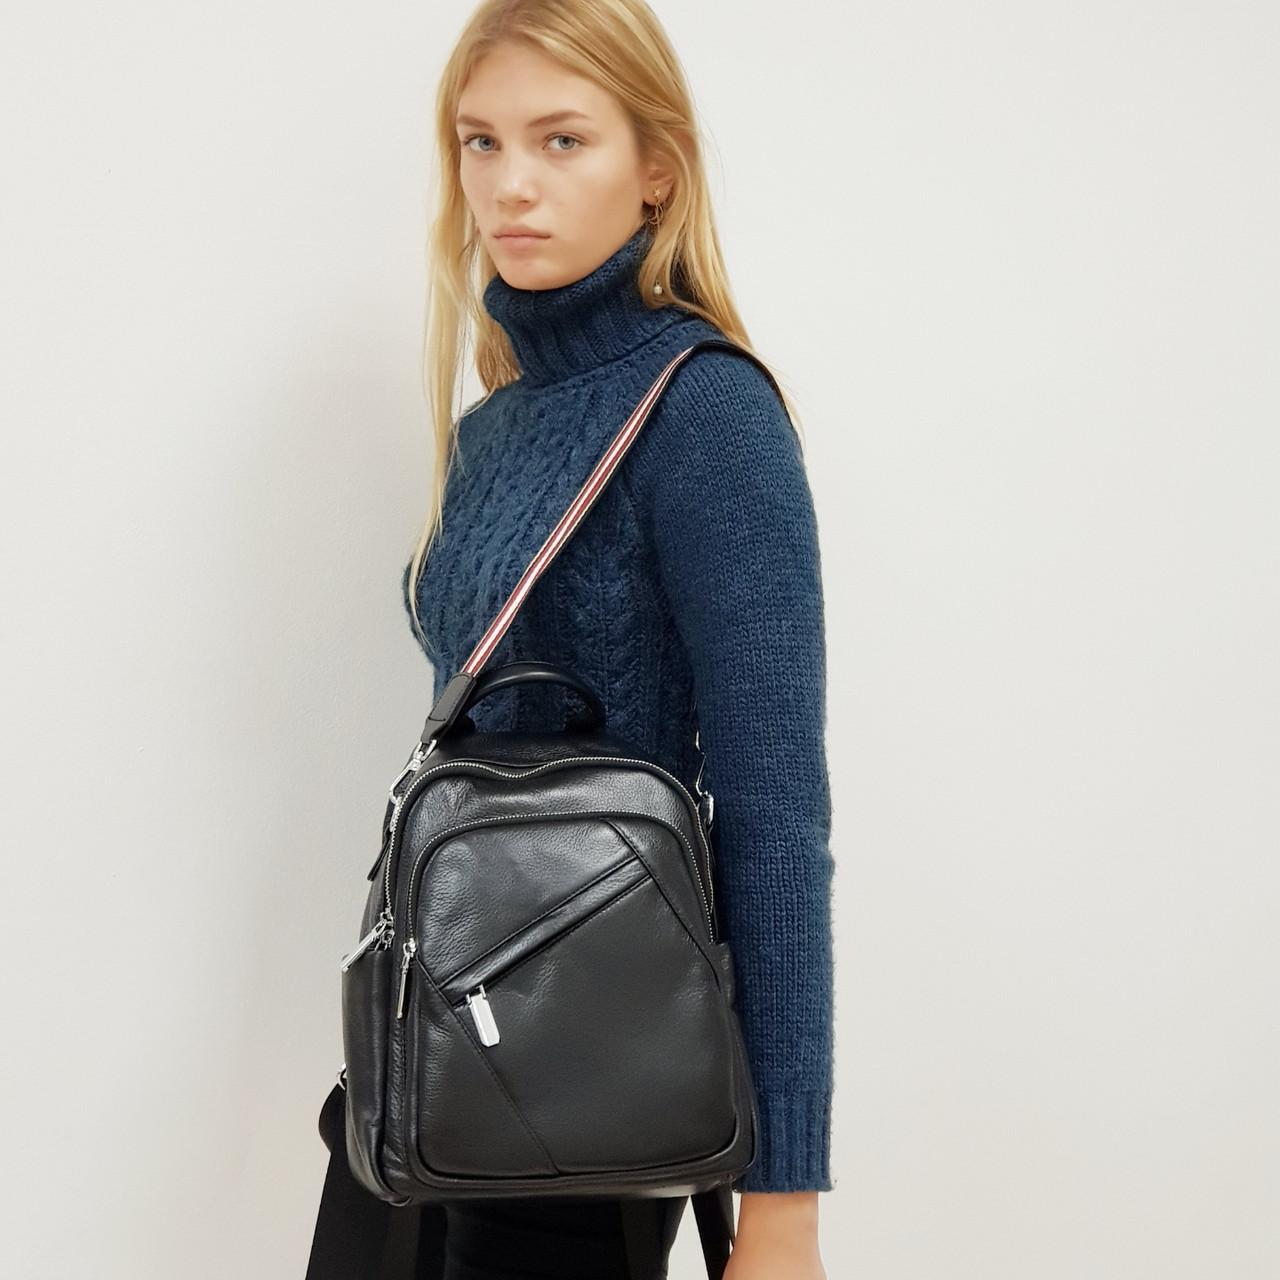 Стильний чорний рюкзак-сумка з натуральної шкіри